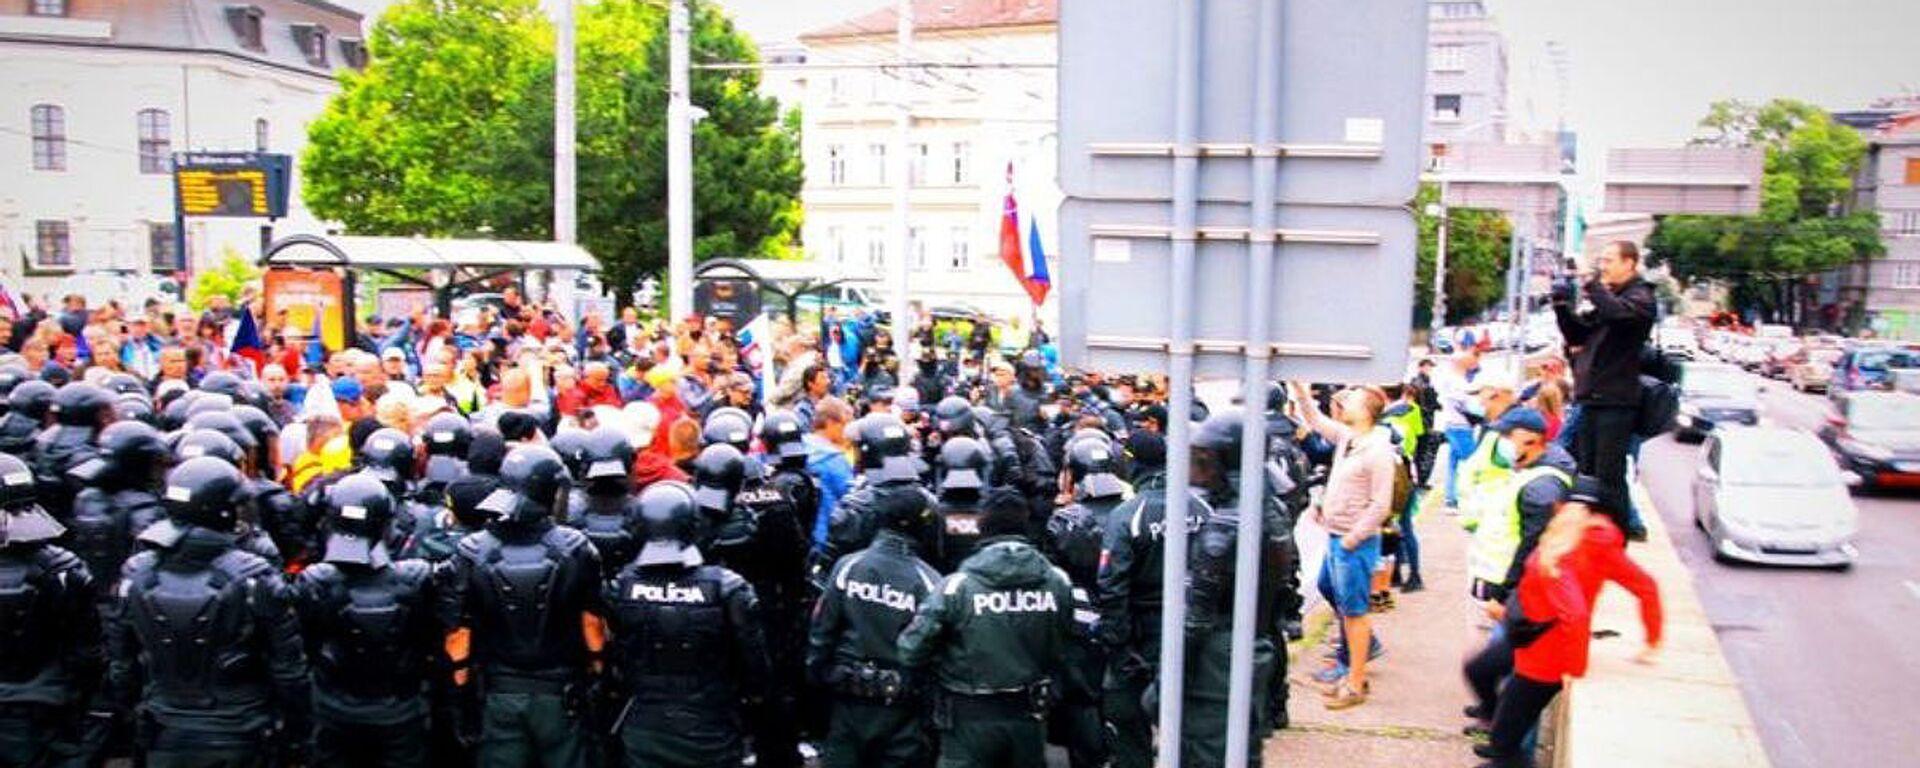 Protesty v Bratislavě proti očkování (5. 8. 2021) - Sputnik Česká republika, 1920, 05.08.2021